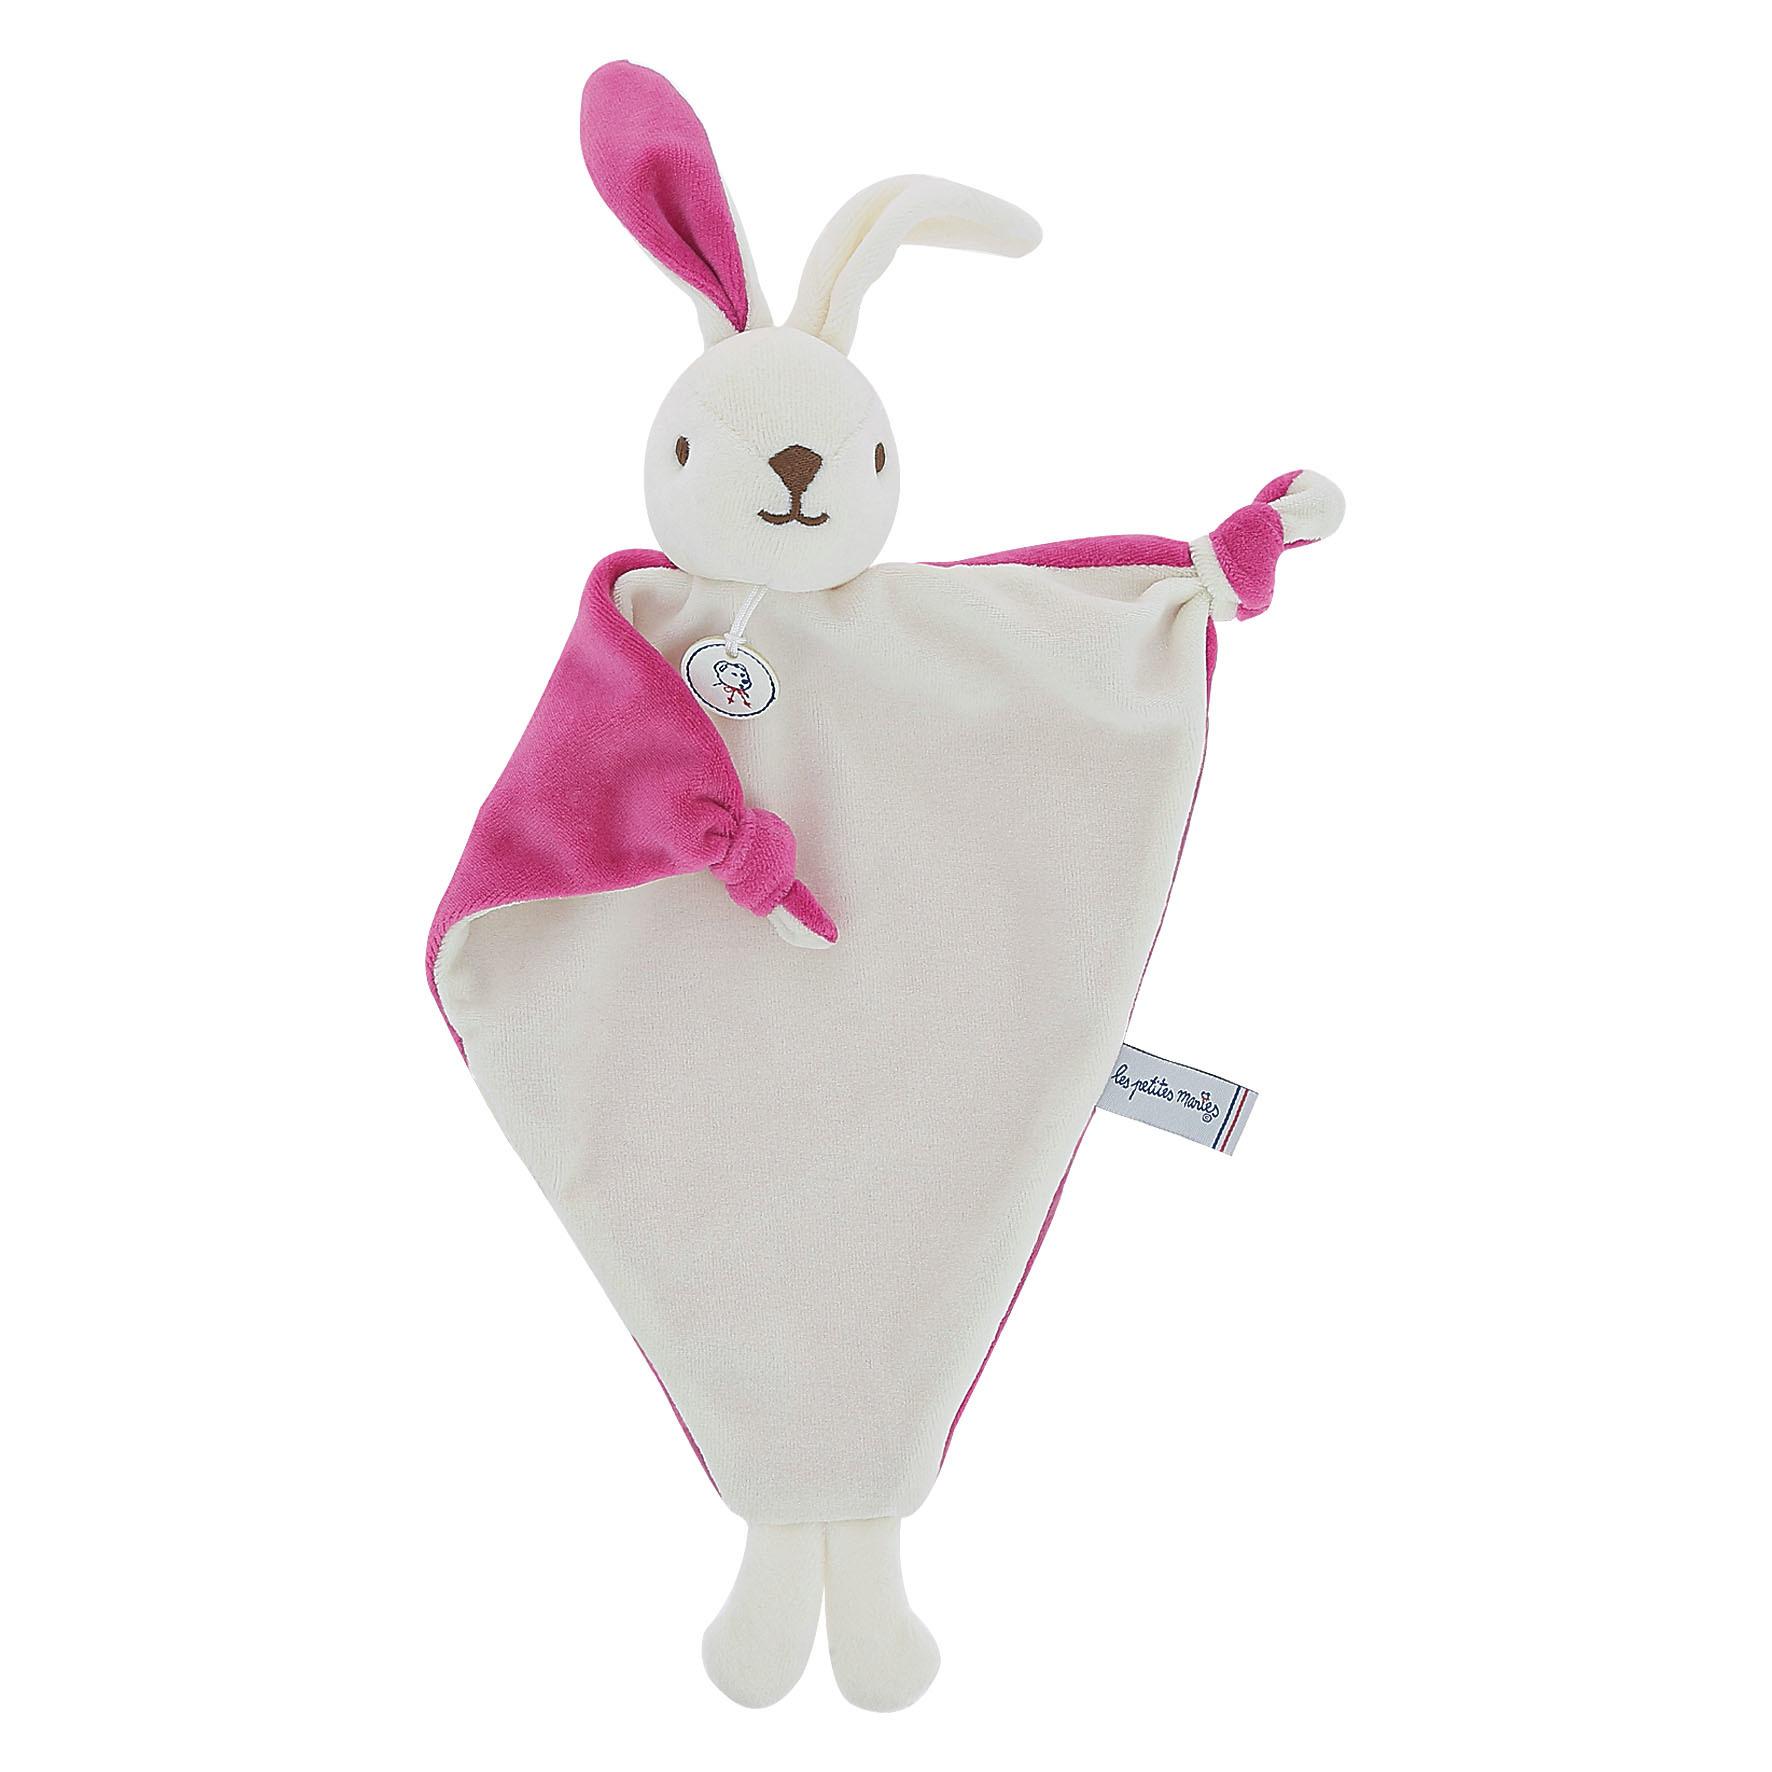 Doudou lapin Pitola, 27 cm